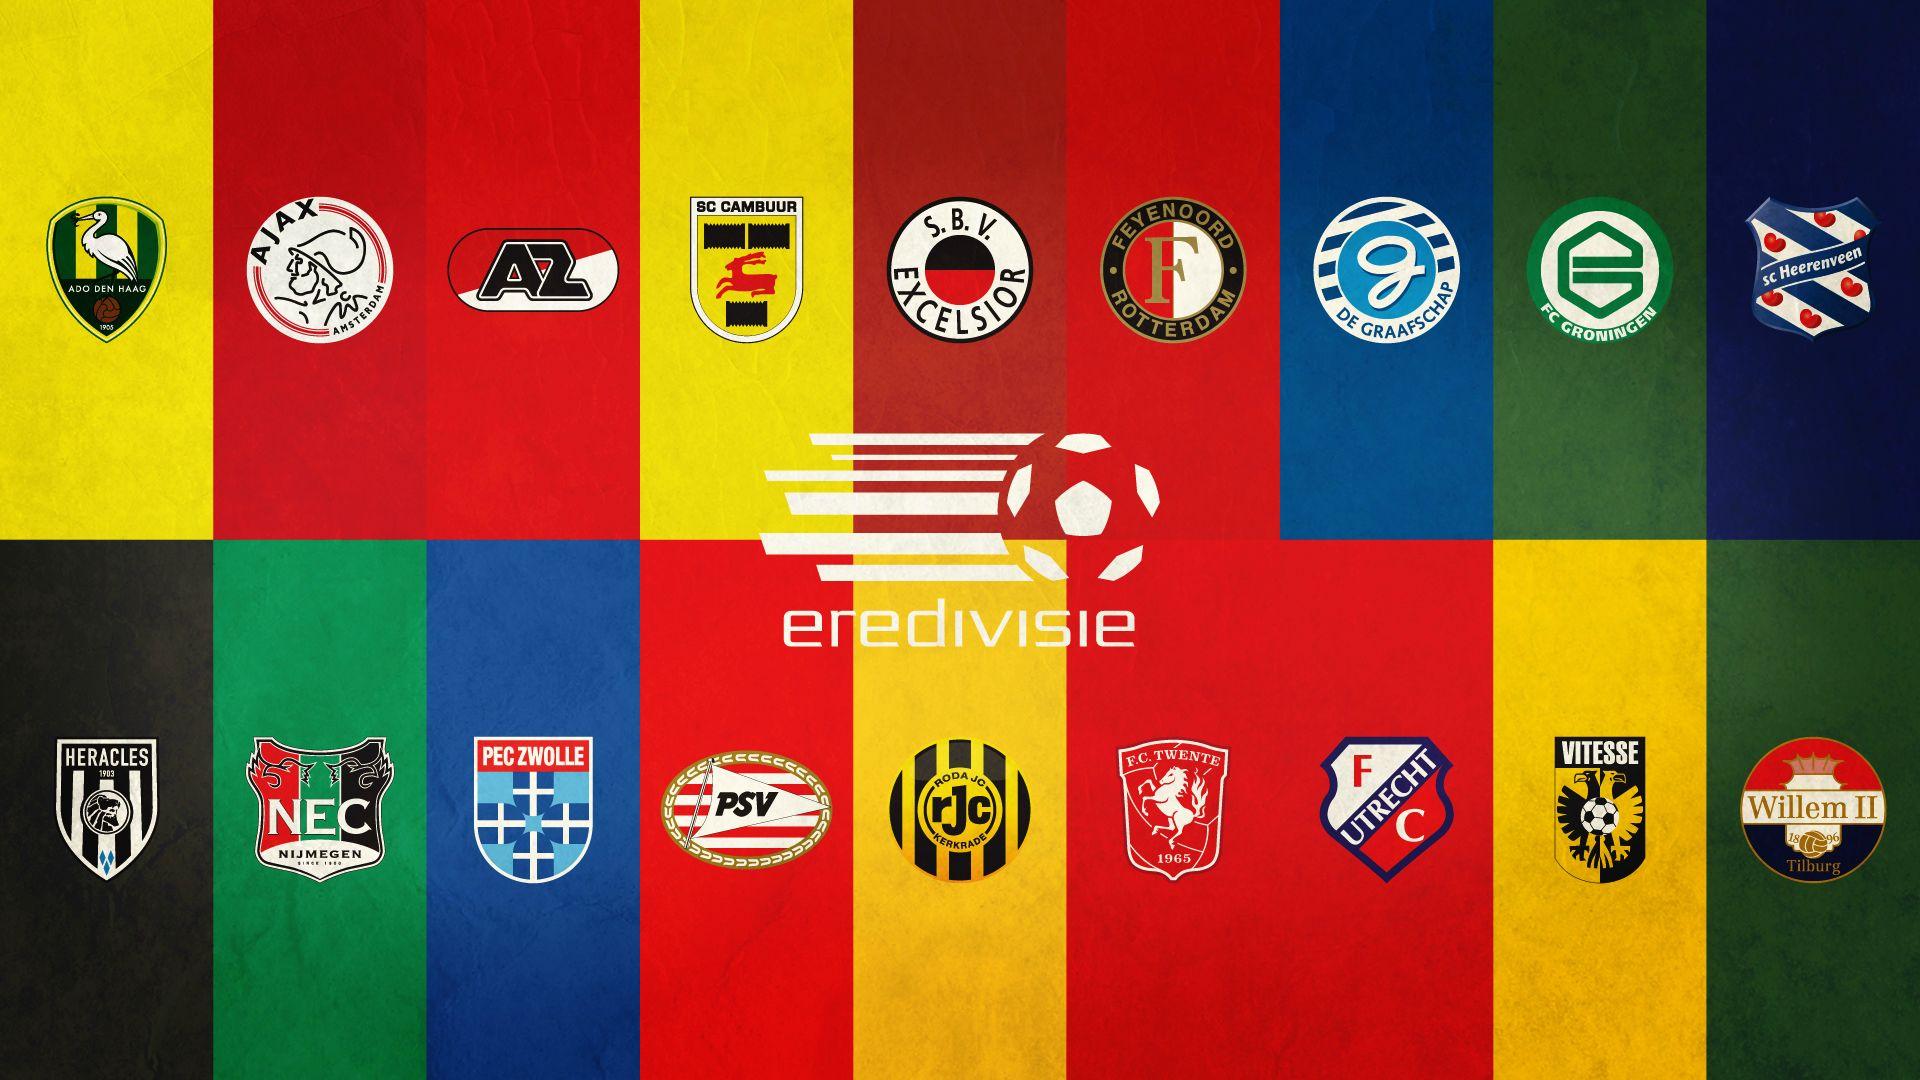 Eredivisie 2